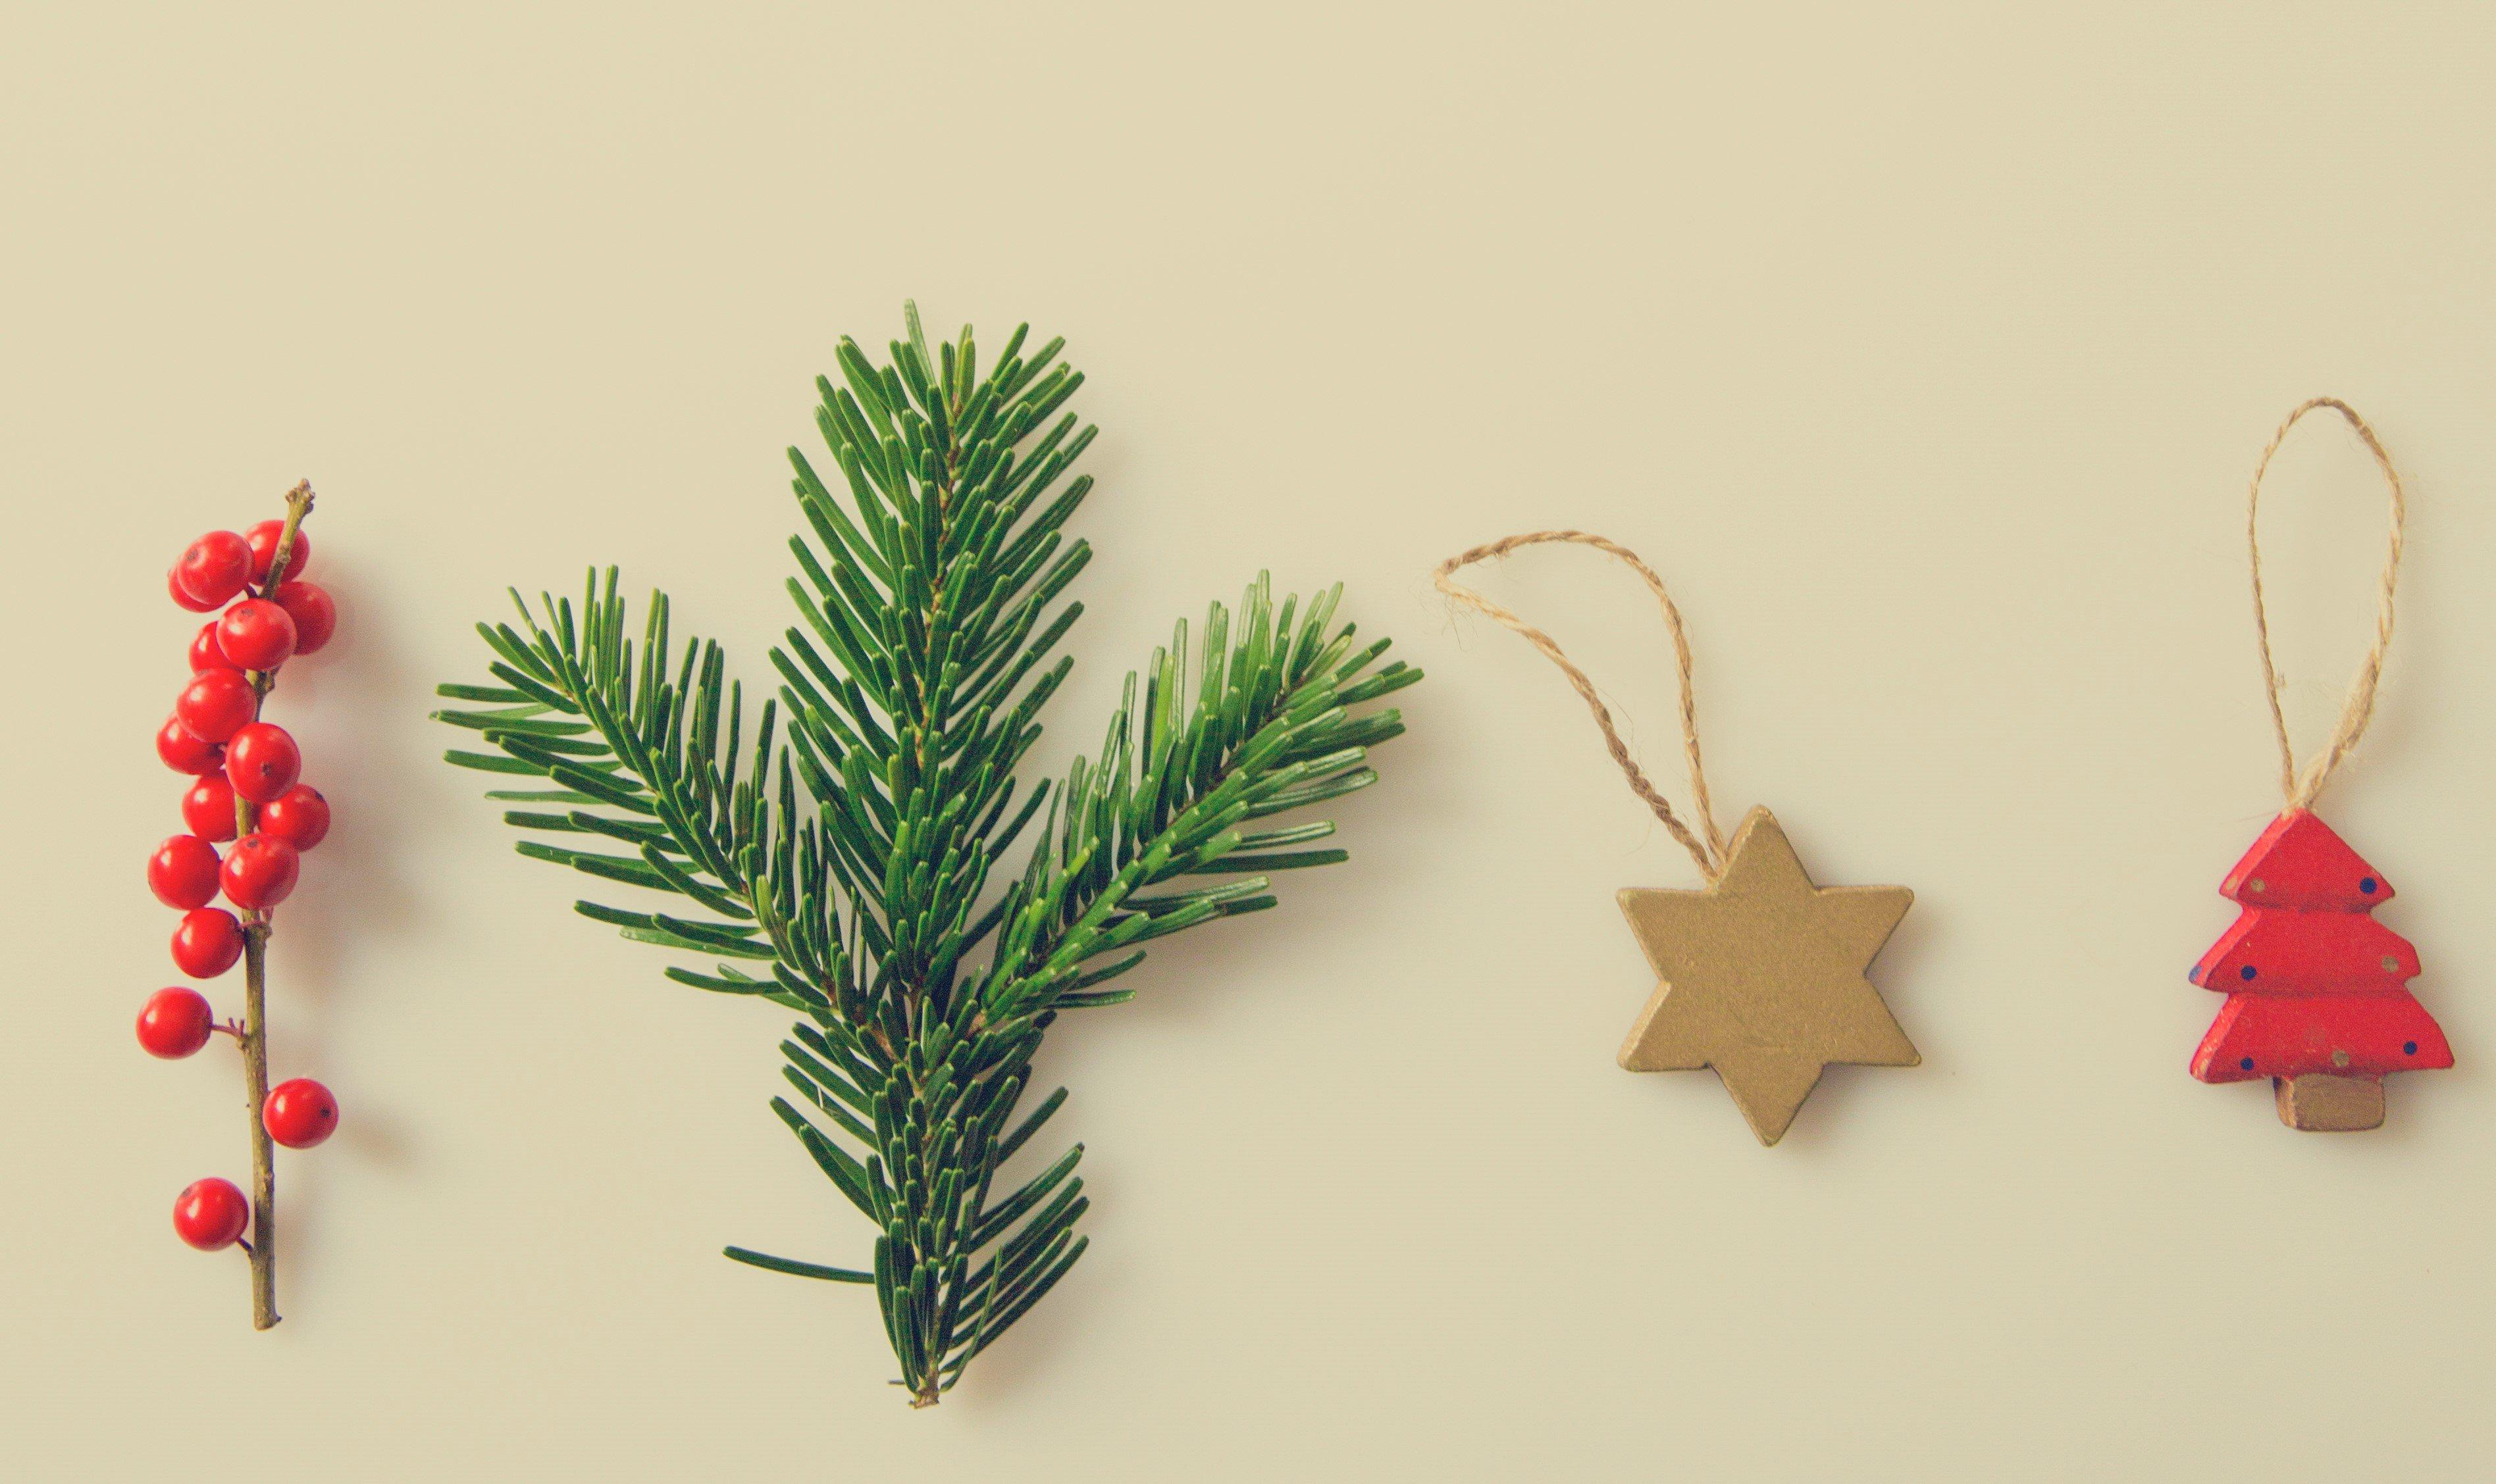 vender en navidad